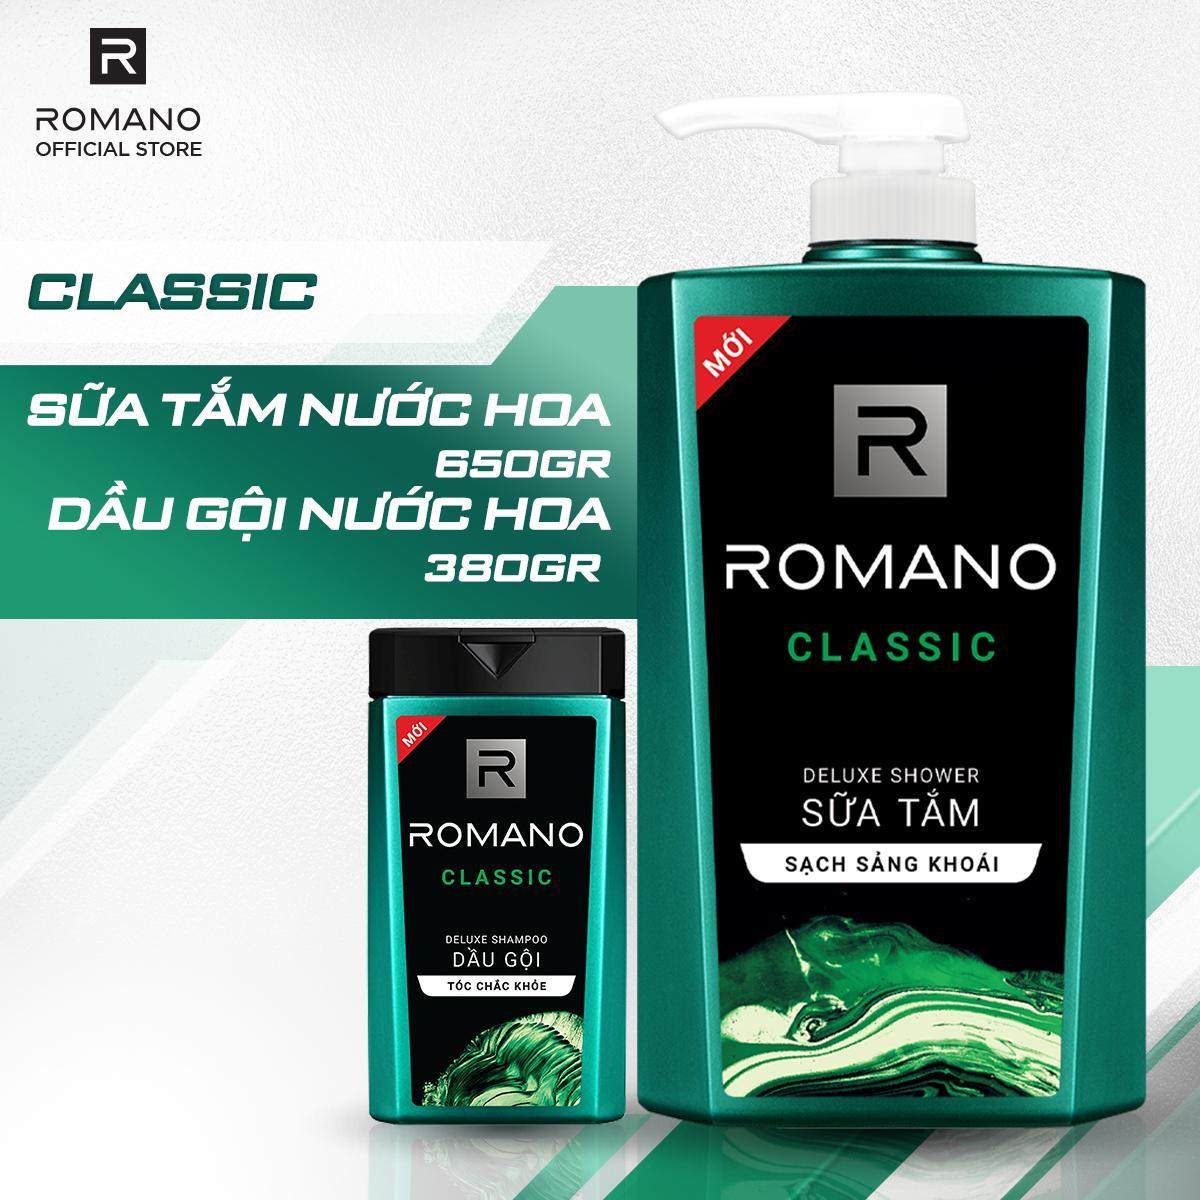 Combo Romano Classic: Sữa tắm phiên bản Duluxe sạch sảng khoái 650g và Dầu gội cao cấp lịch lãm tóc chắc khỏe 380g tốt nhất